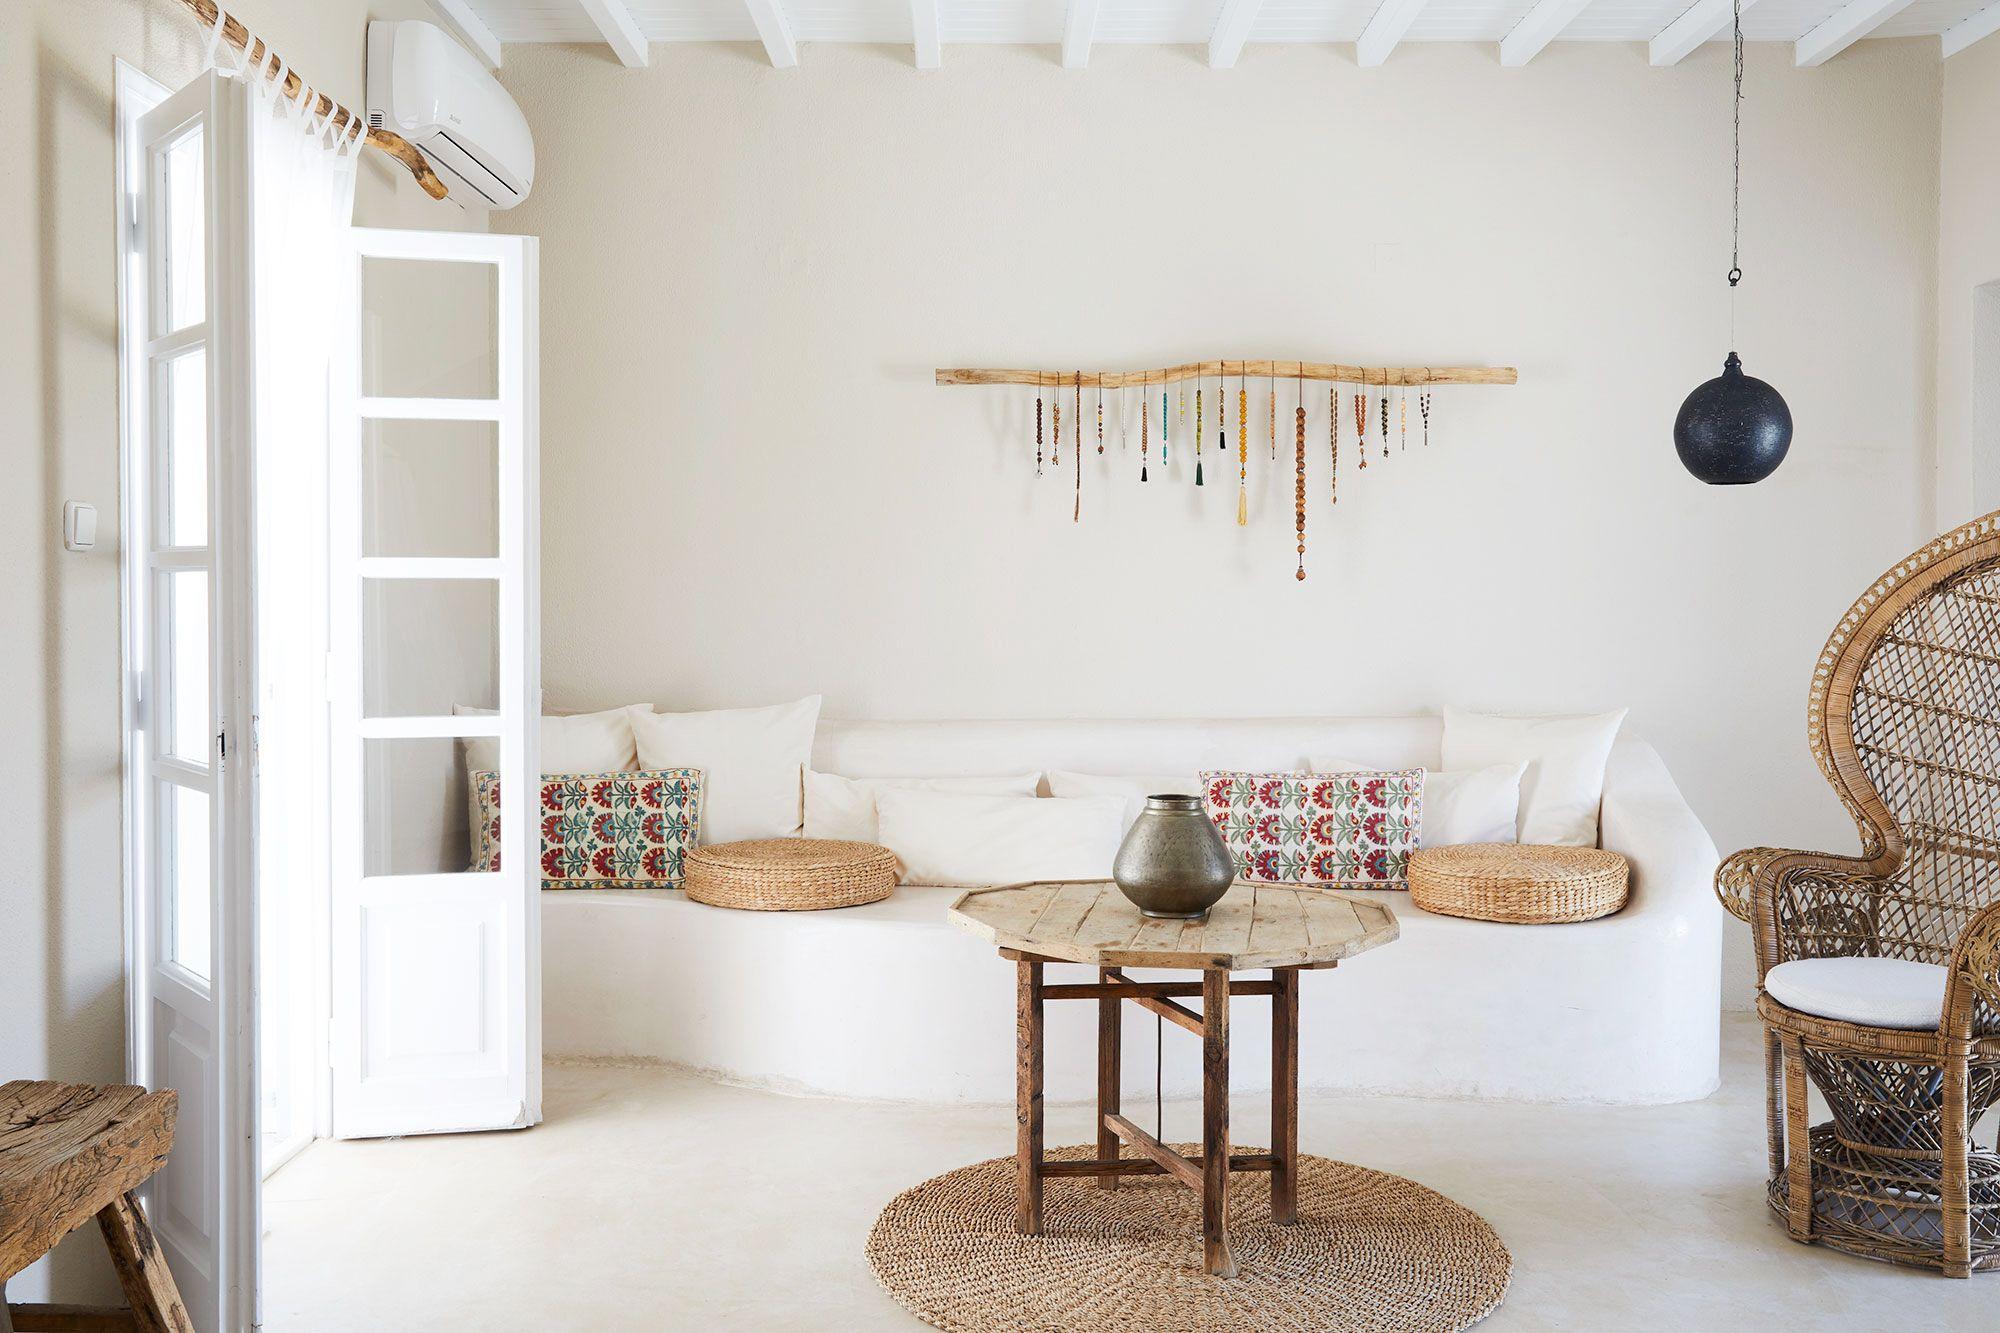 17 best diy wall decor ideas in 2021